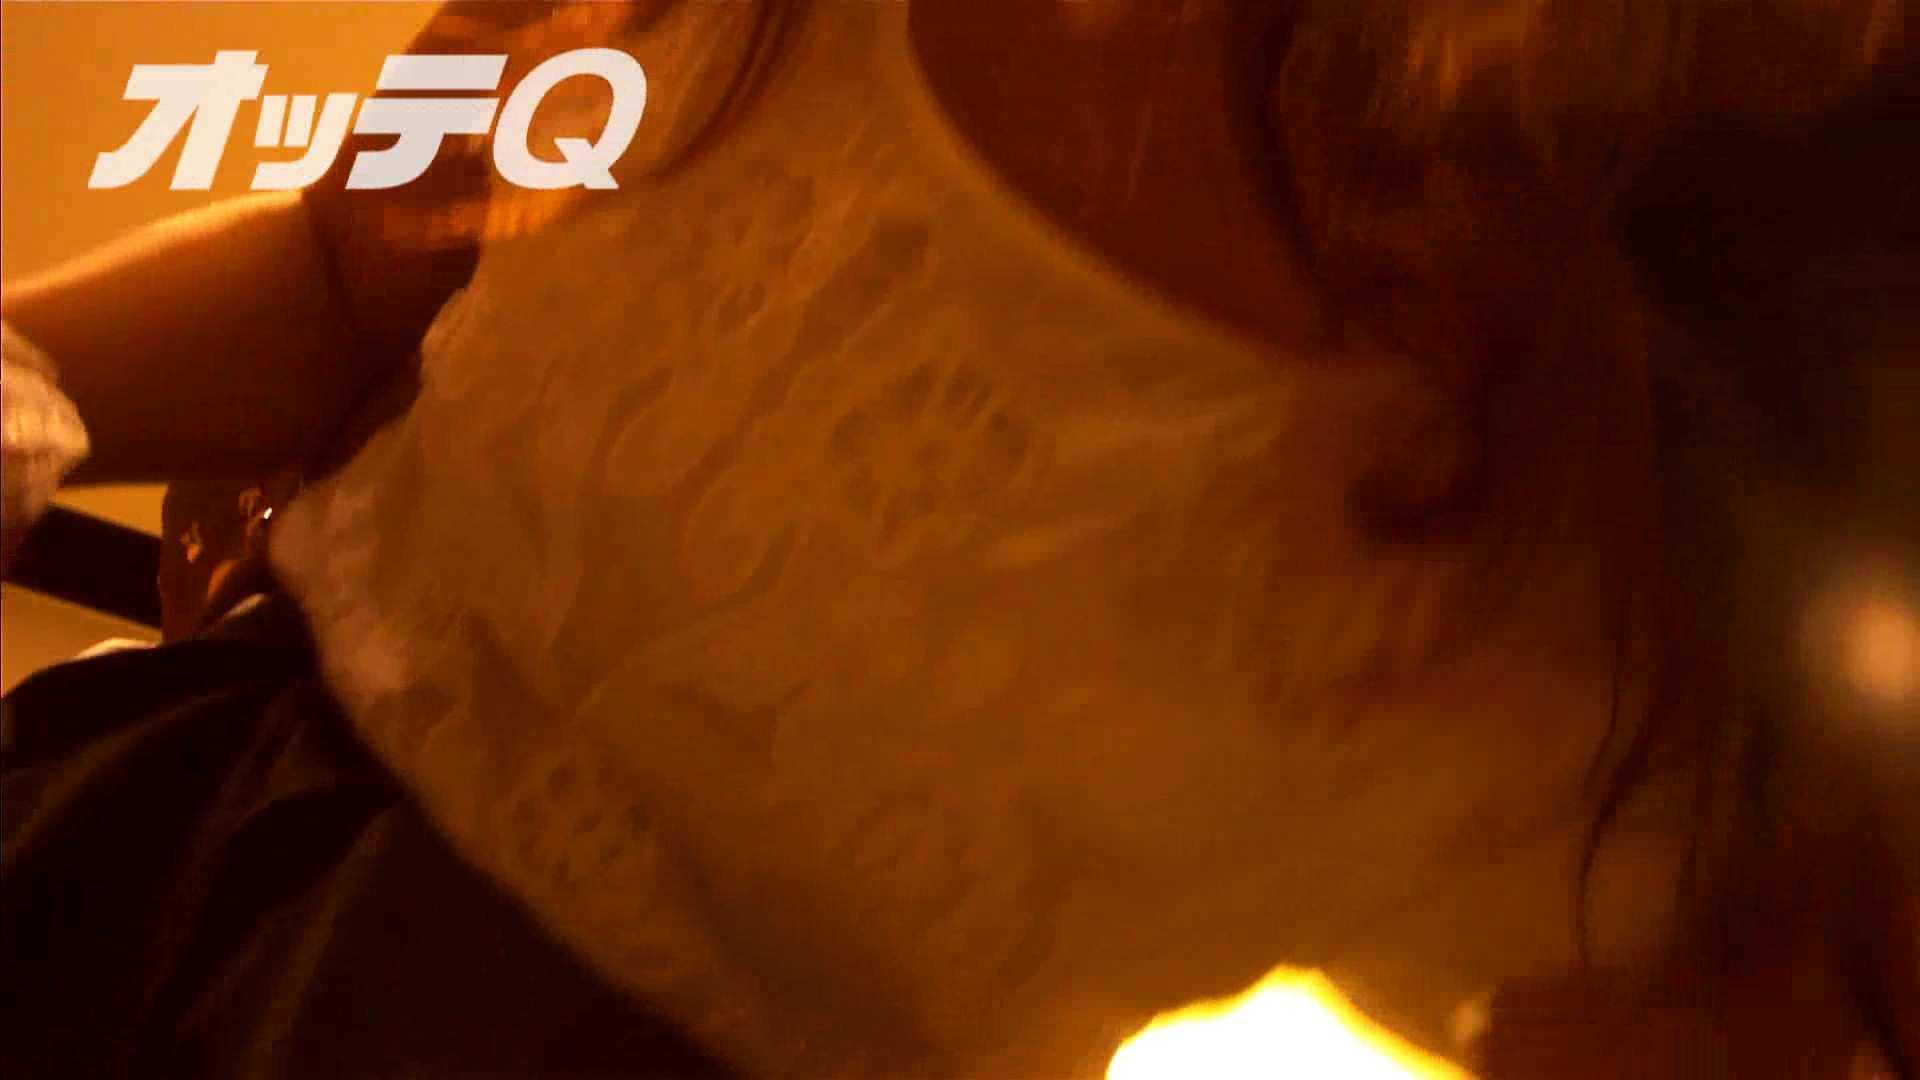 ハイビジョンパンチラ オッテQさんの追跡パンチラデパート編VOL.03 ギャル盗撮映像 セックス無修正動画無料 78PIX 23